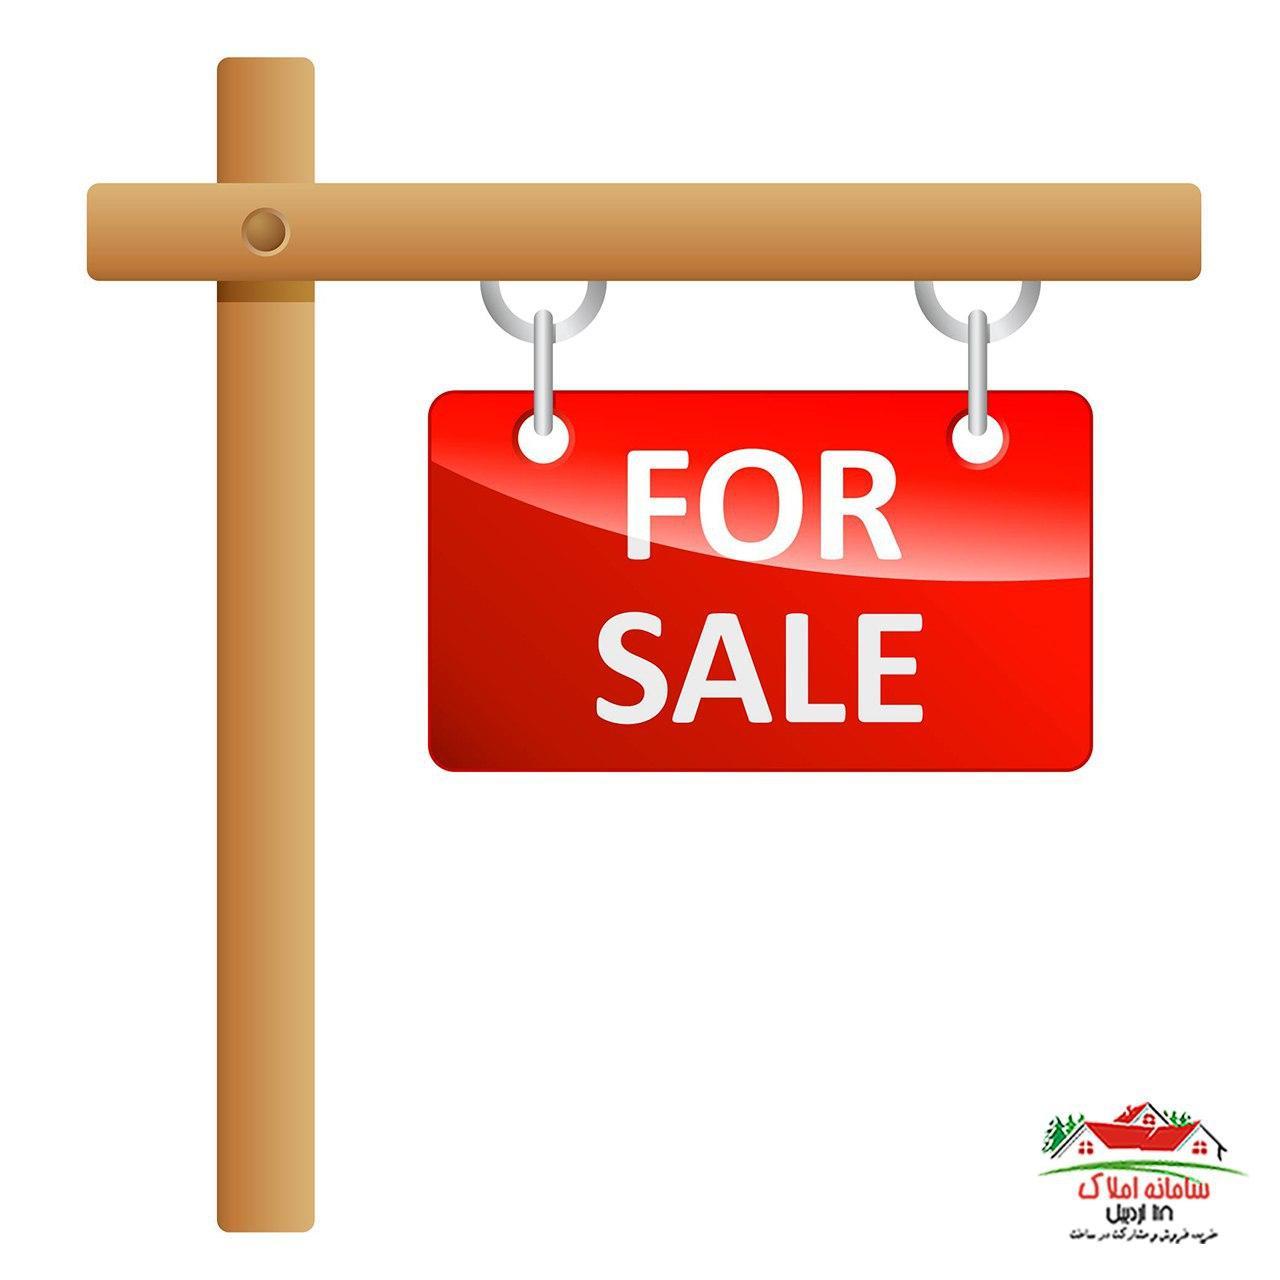 فروش زمین بر خیابان در شهرک کارشناسان